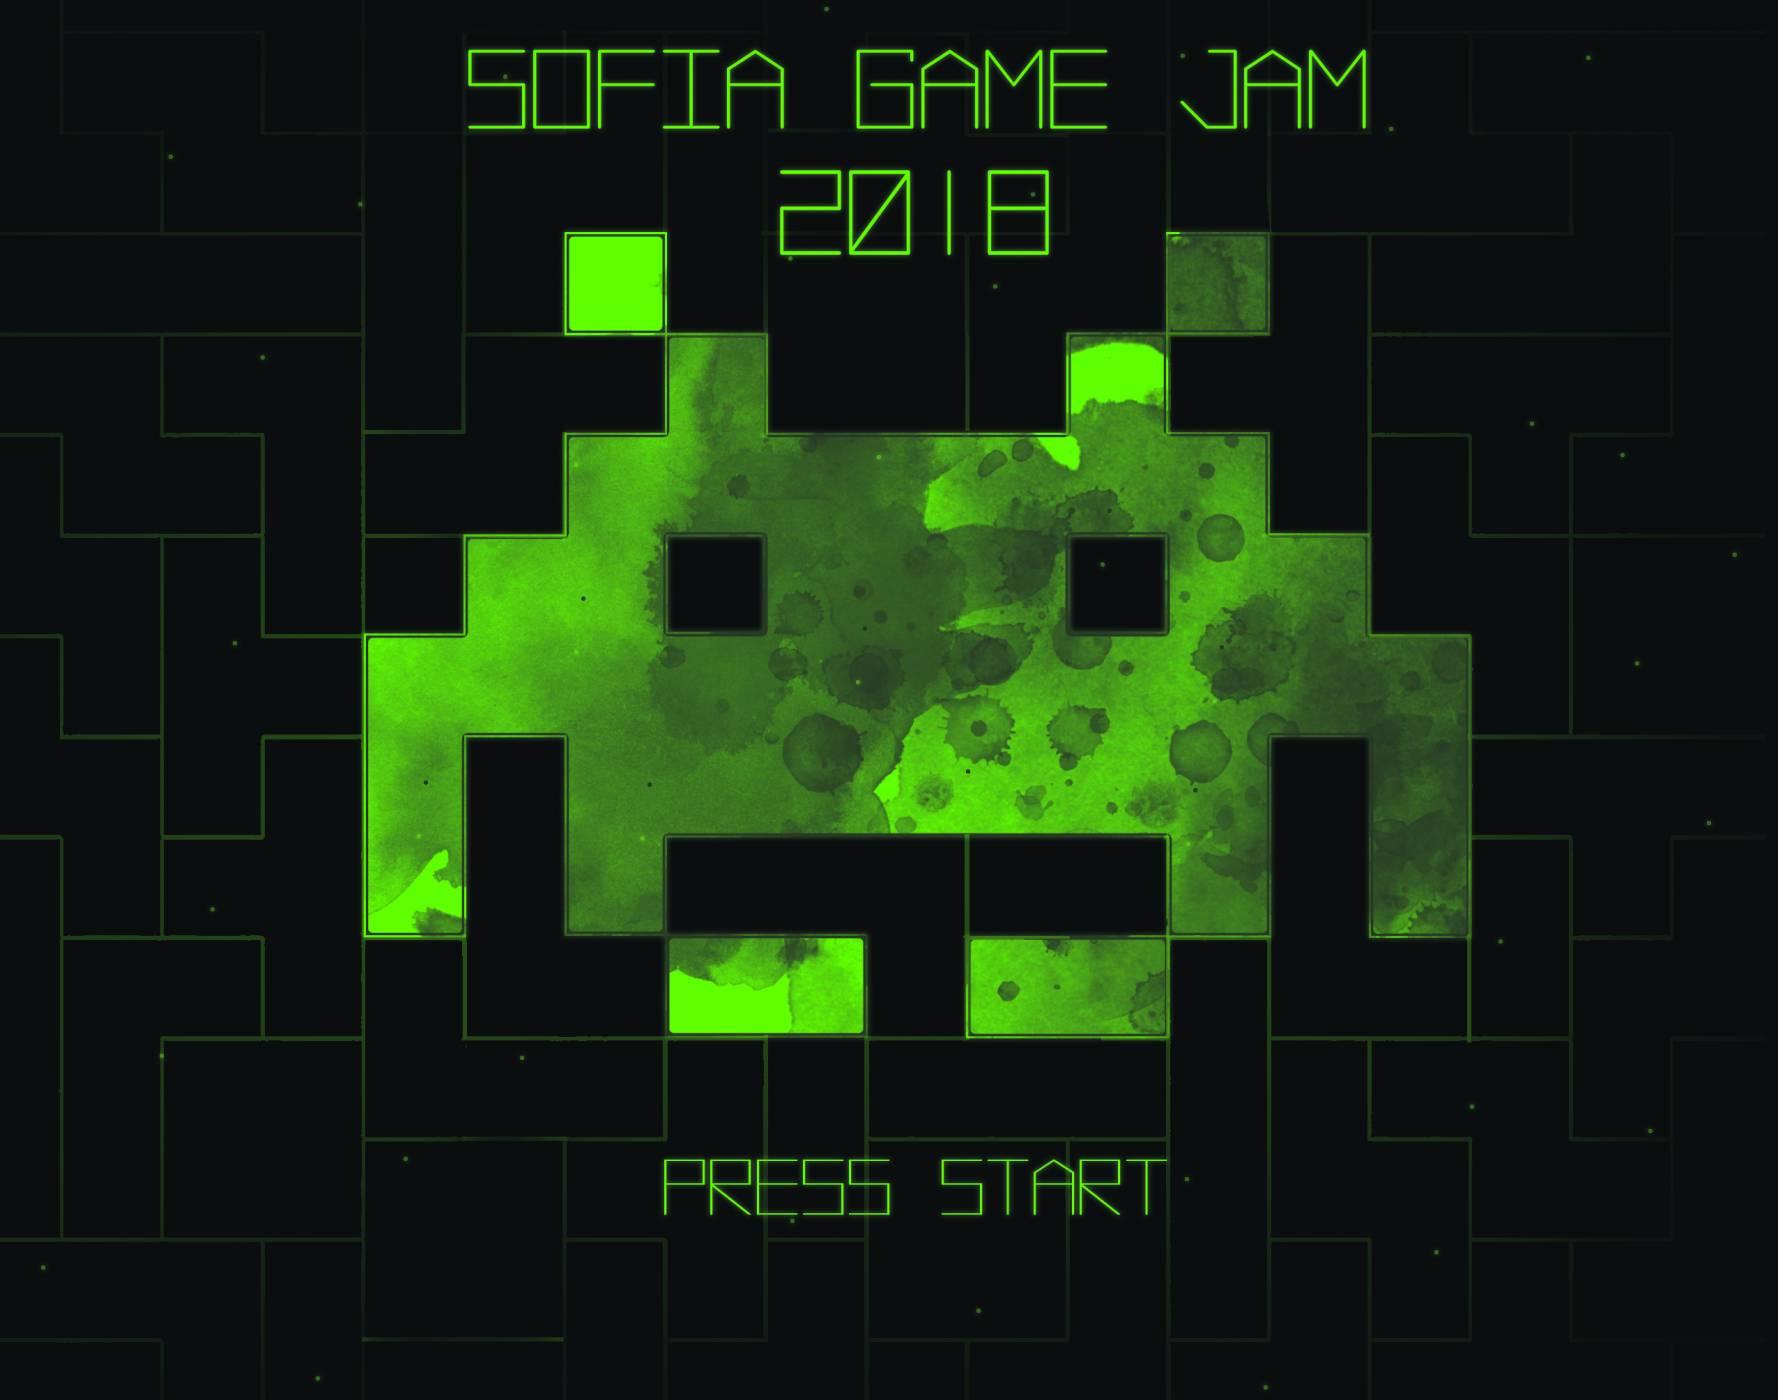 Sofia Game Jam 2018: Създай игра за 48 часа